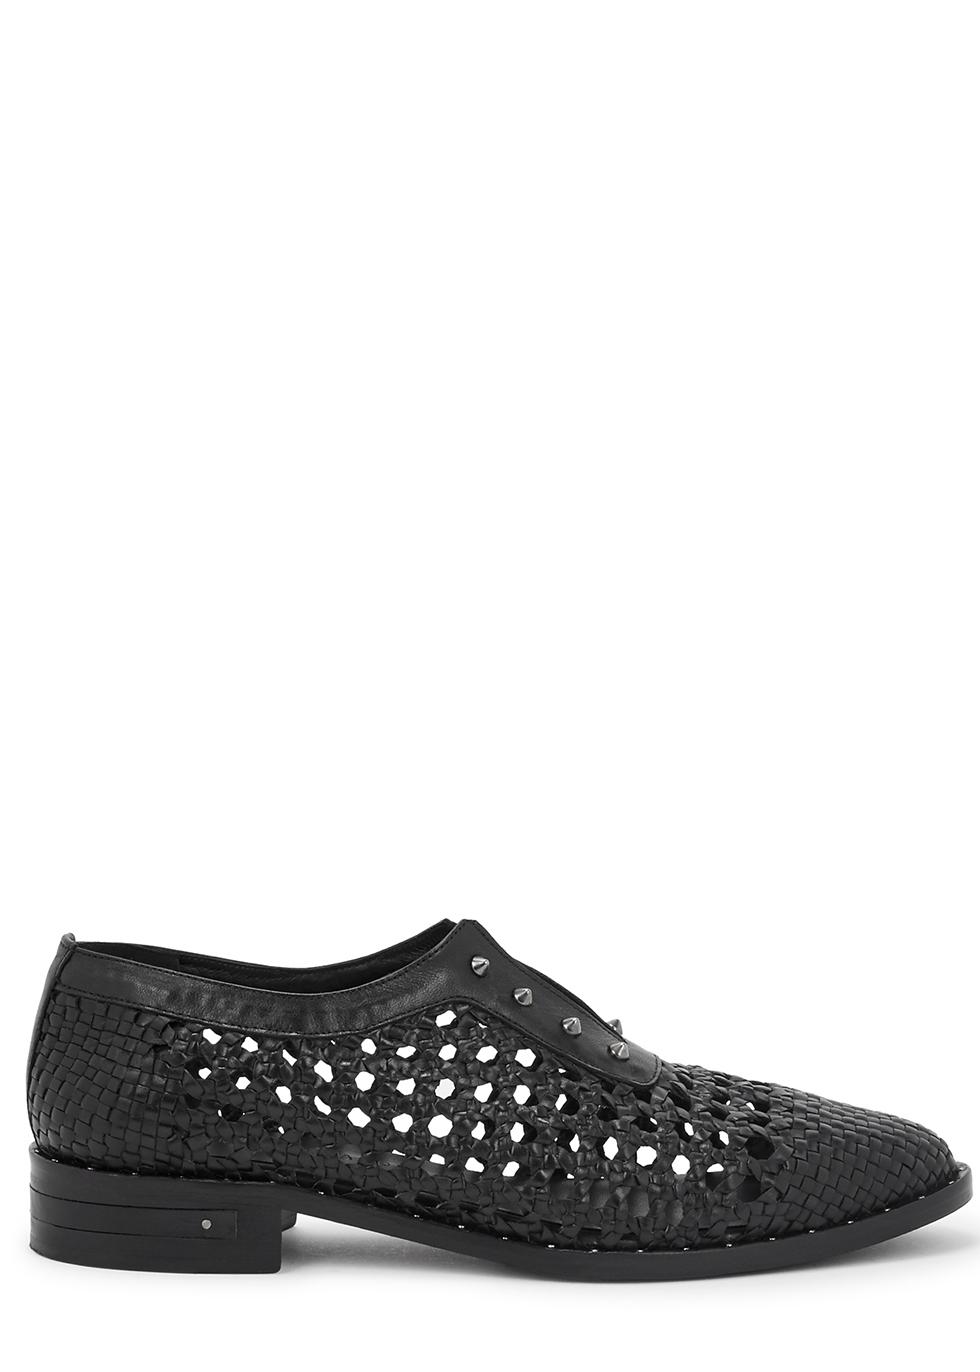 4fc492ac2bb Women s Designer Flats - Flat Shoes - Harvey Nichols